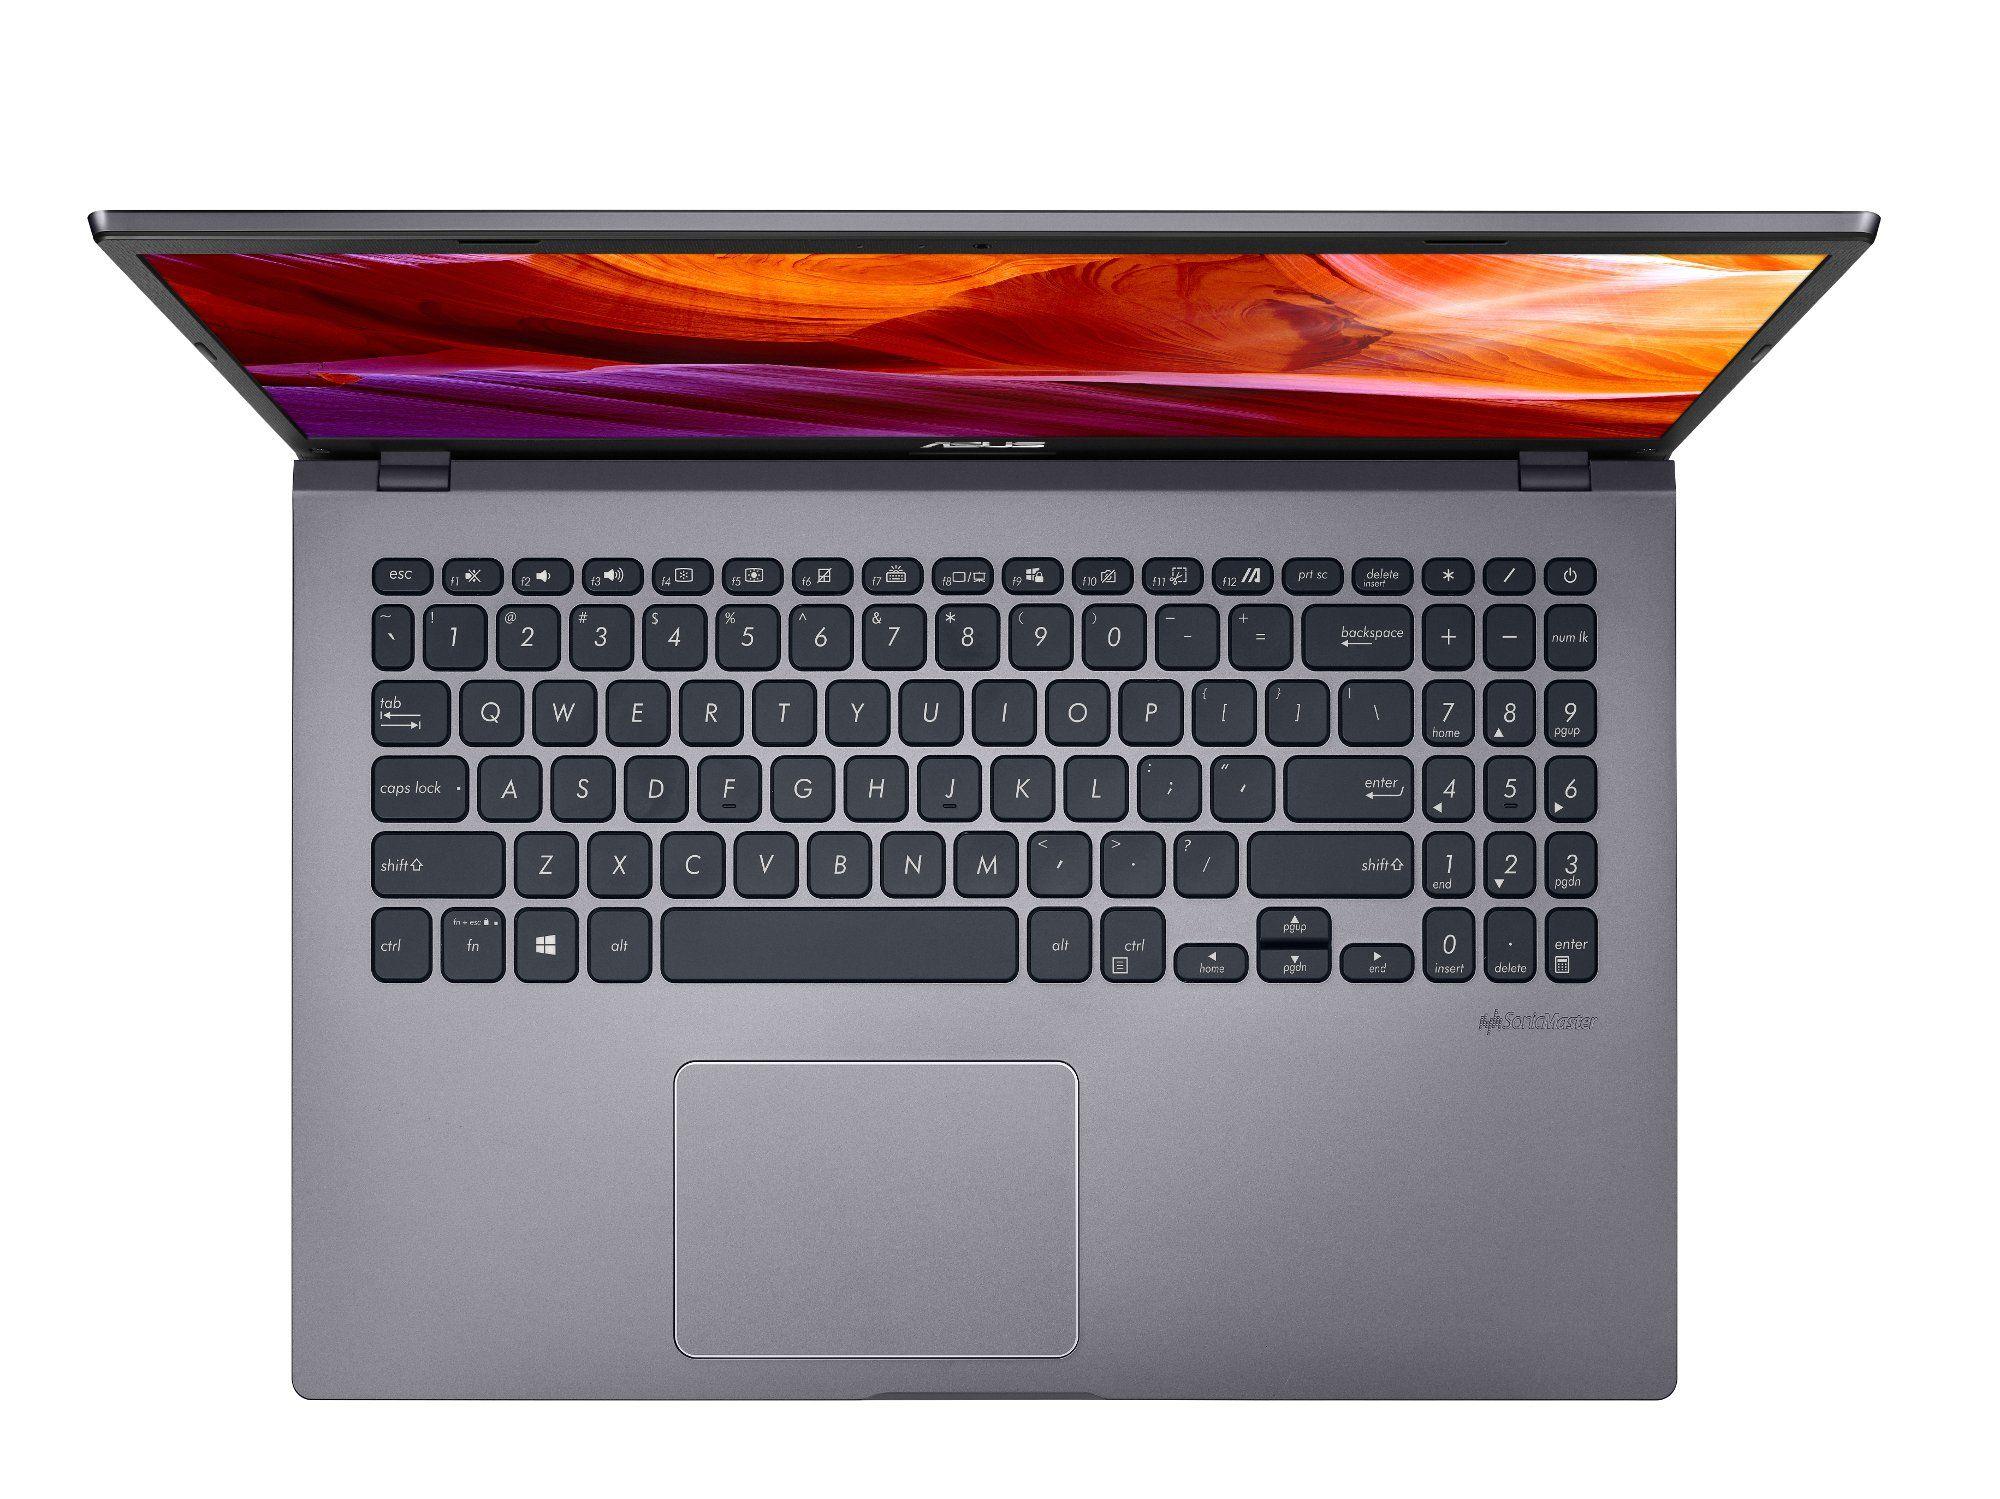 Asus X509 15 6 Inch Intel Core I7 Laptop Gray In 2021 Laptop Price Asus Laptop